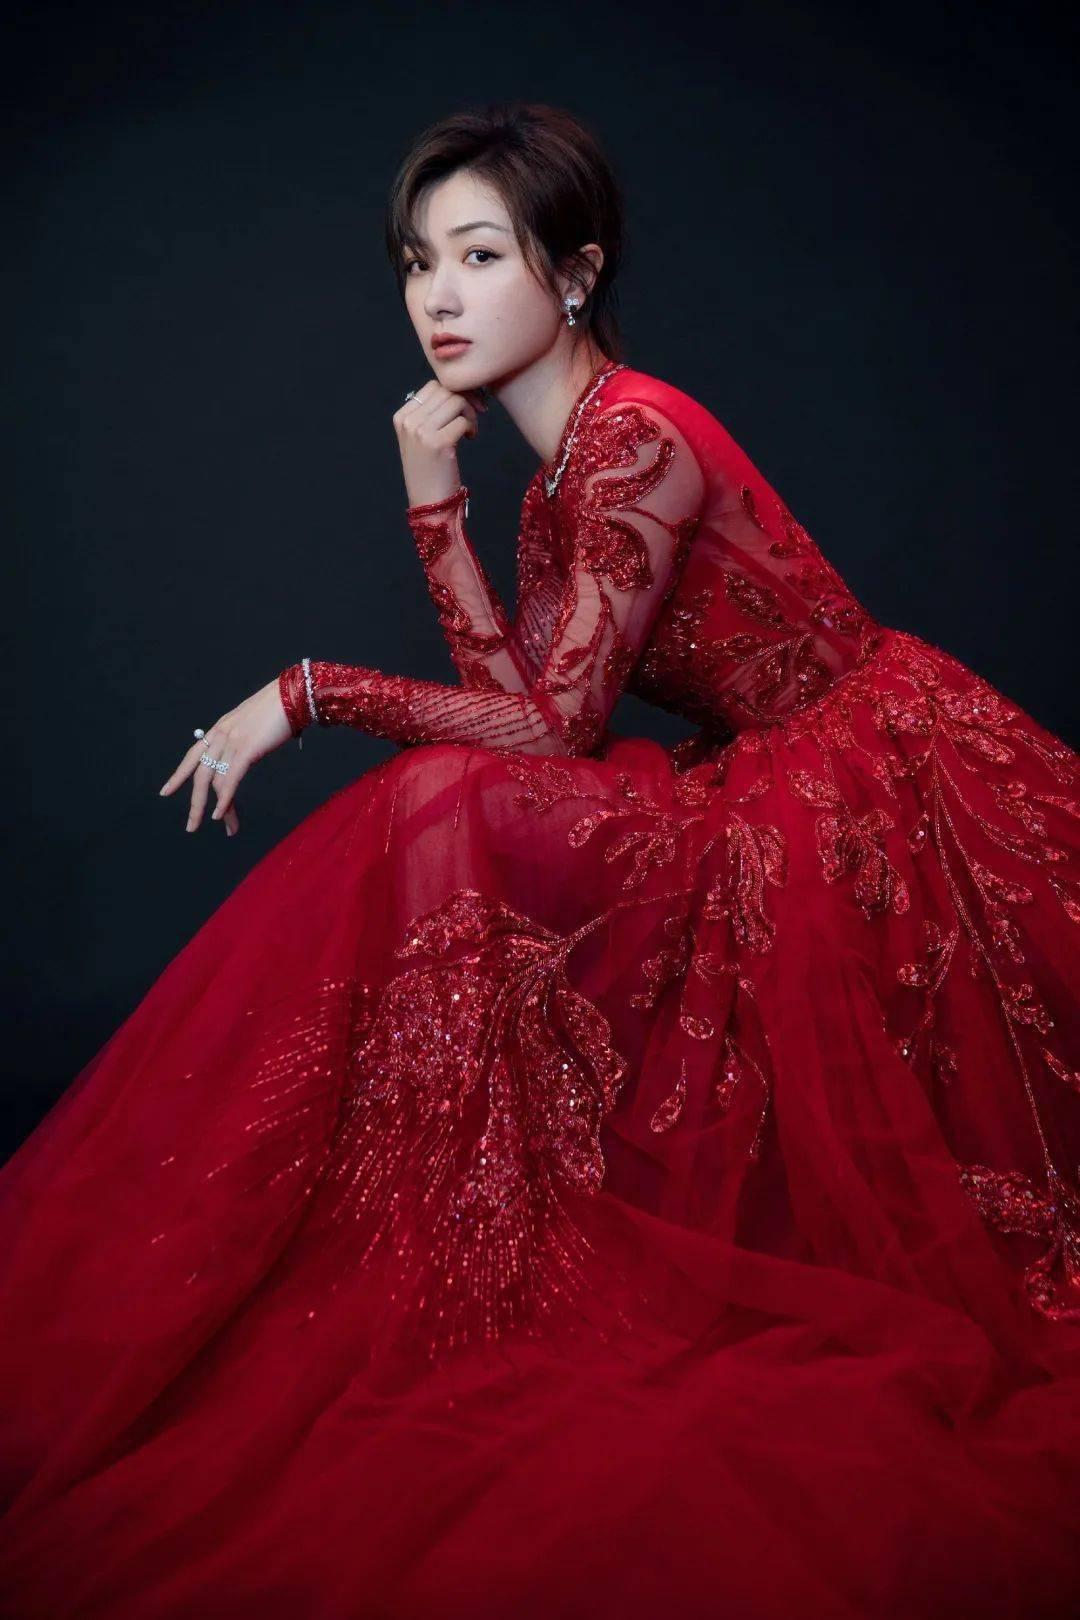 明星穿搭红榜 | 女明星的时尚图鉴,为你的穿搭找点灵感